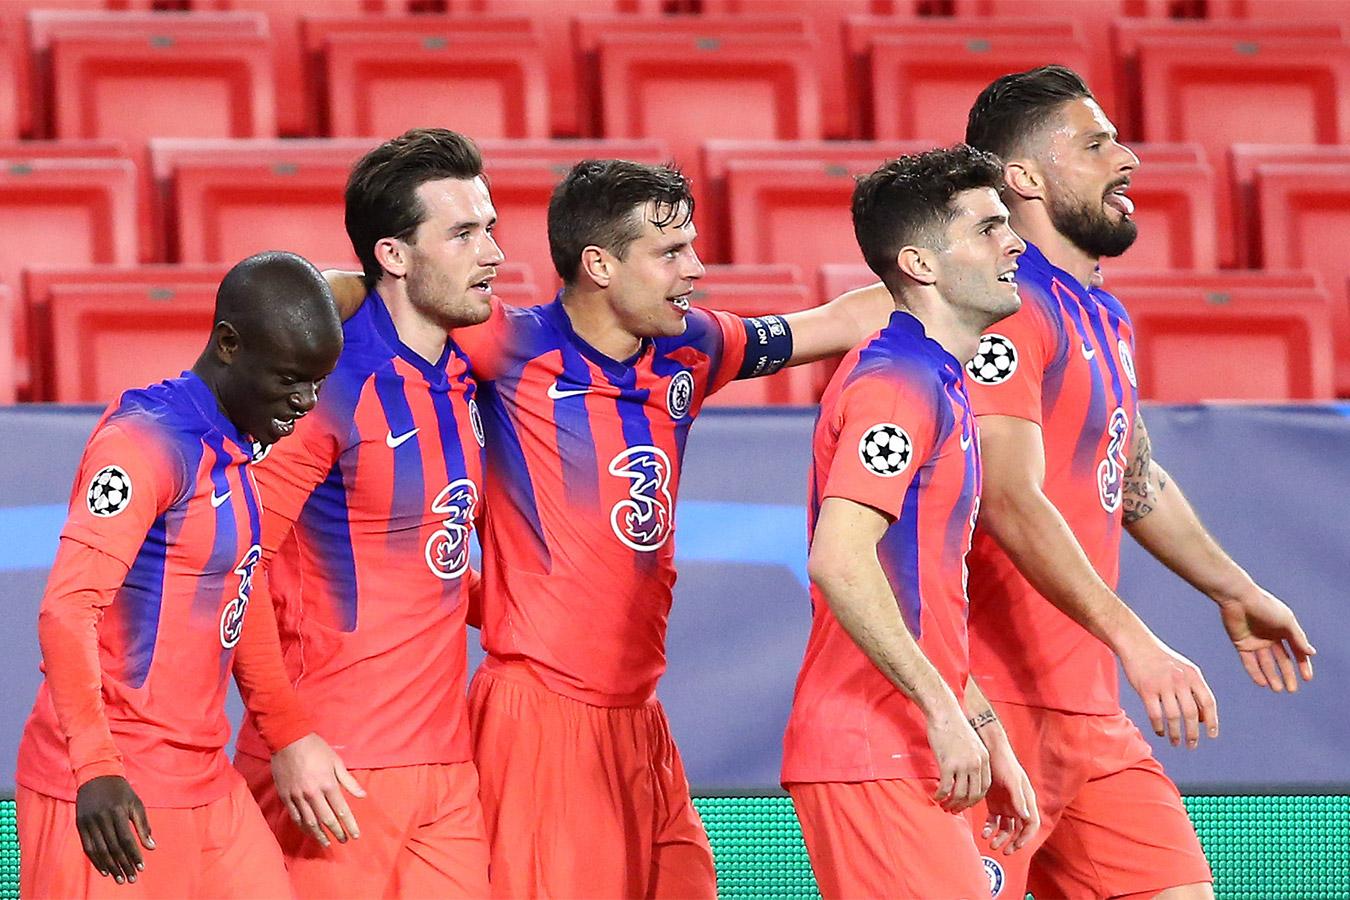 Челси обыграл Порту в первом матче 1/4 финала Лиги чемпионов